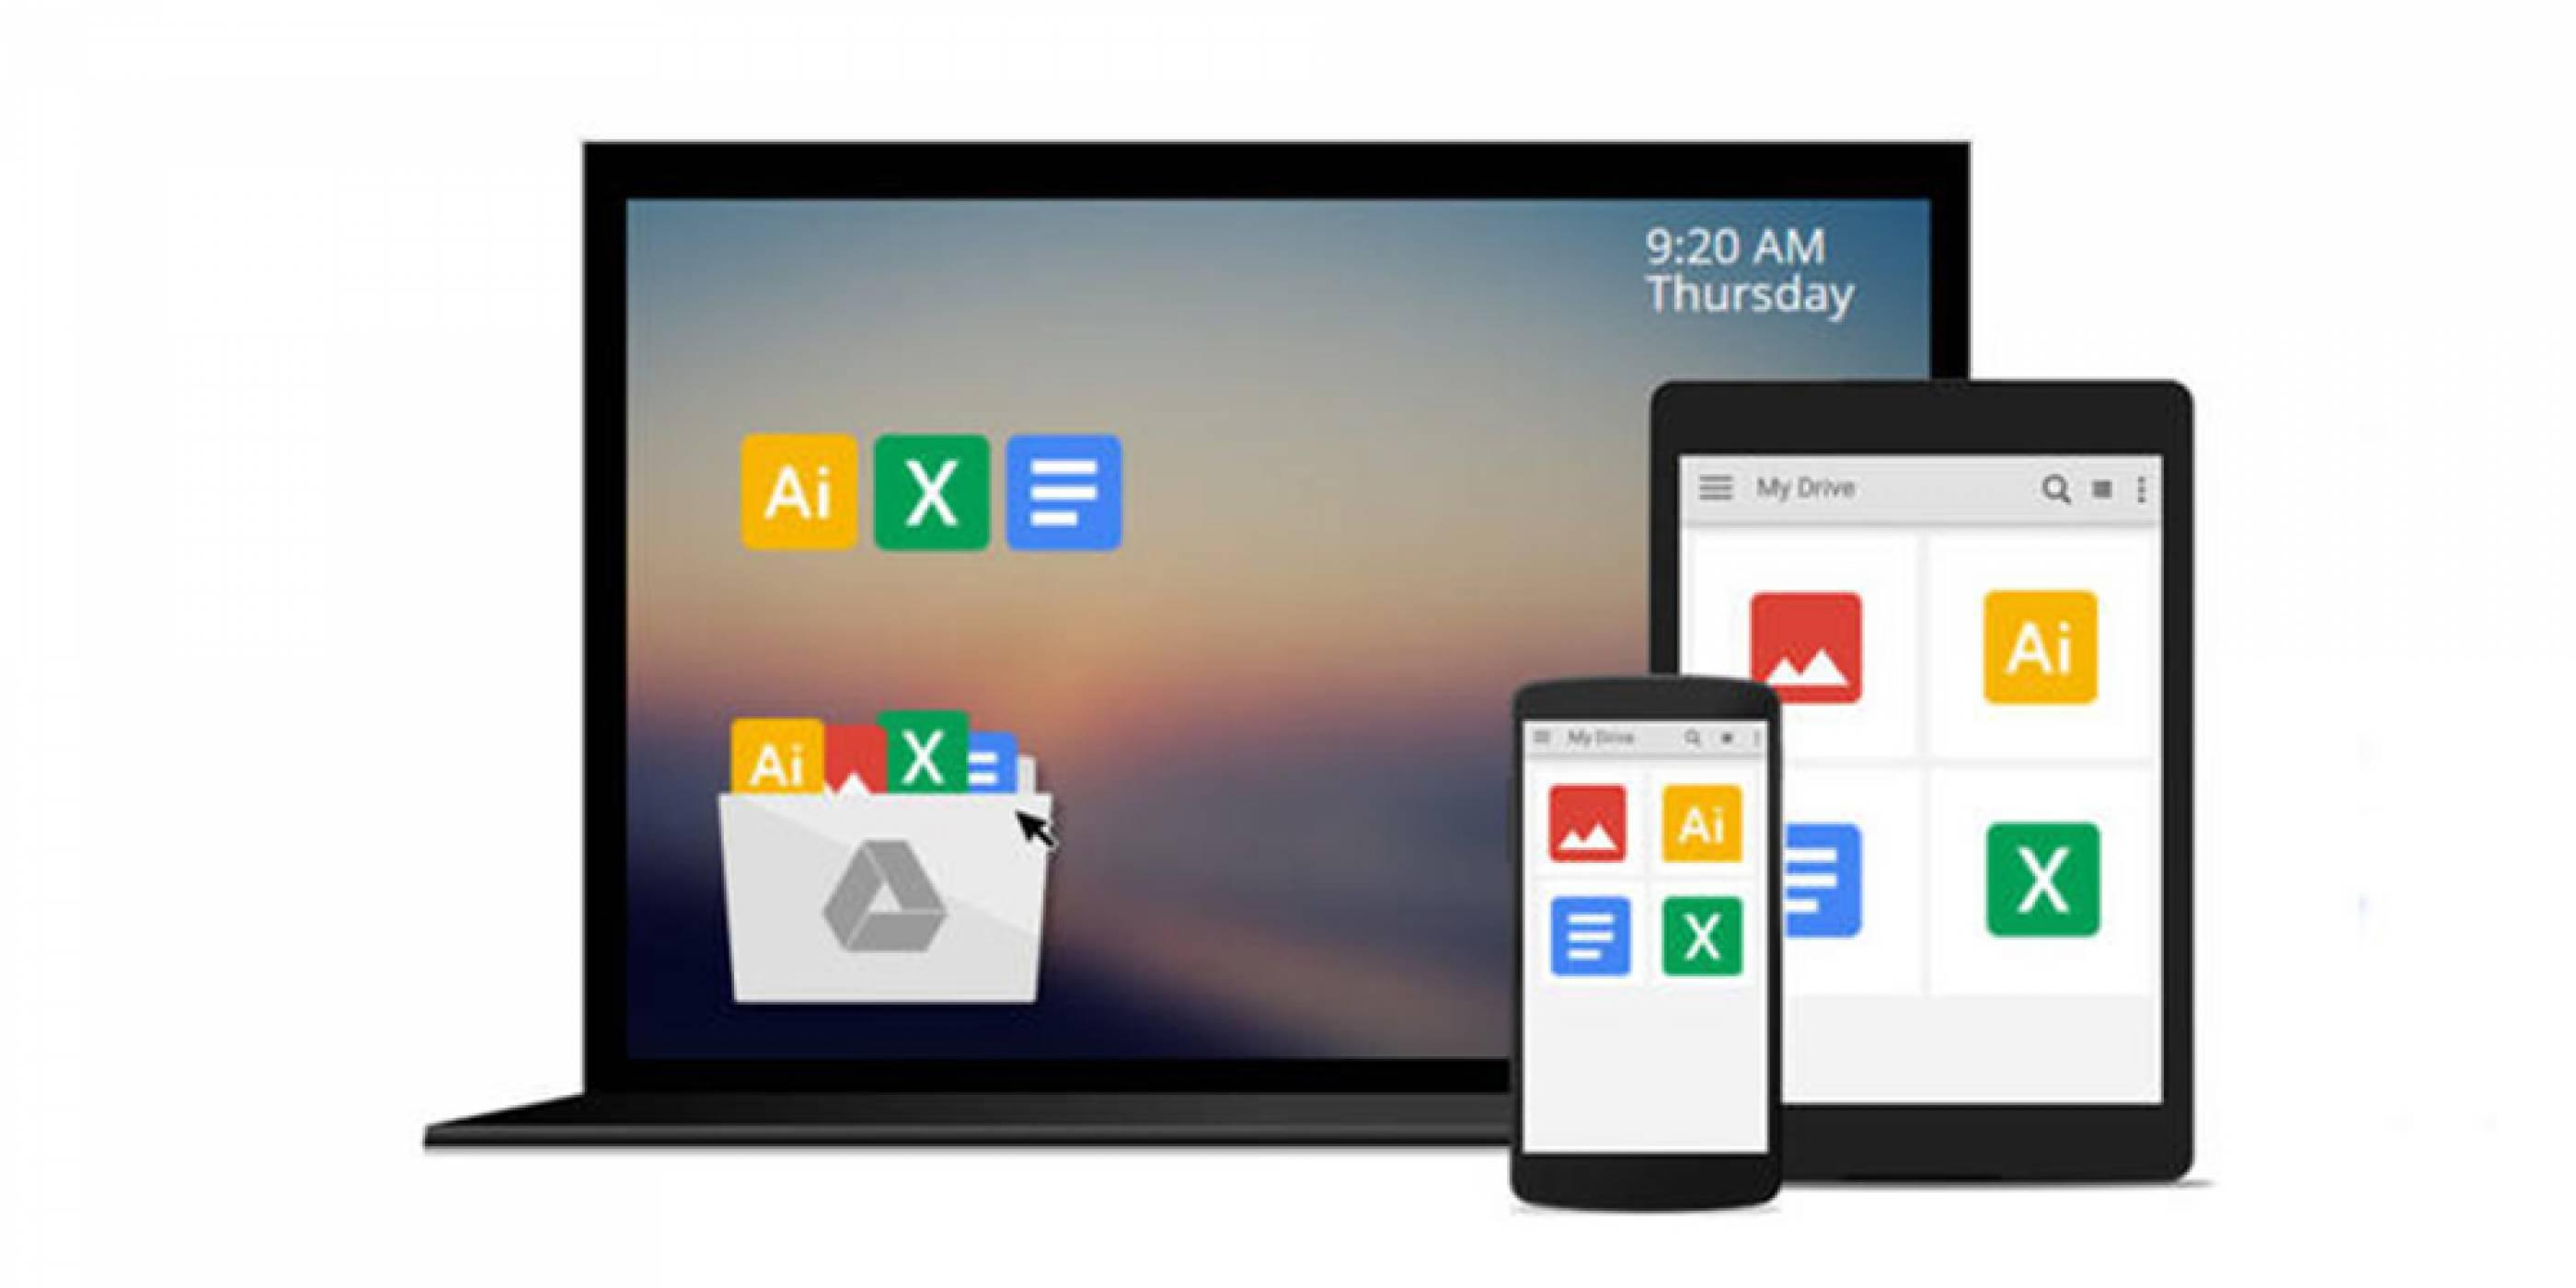 Backup and Sync инструмента за Google диск и Google фото е достъпен за всички потребители на Mac и PC